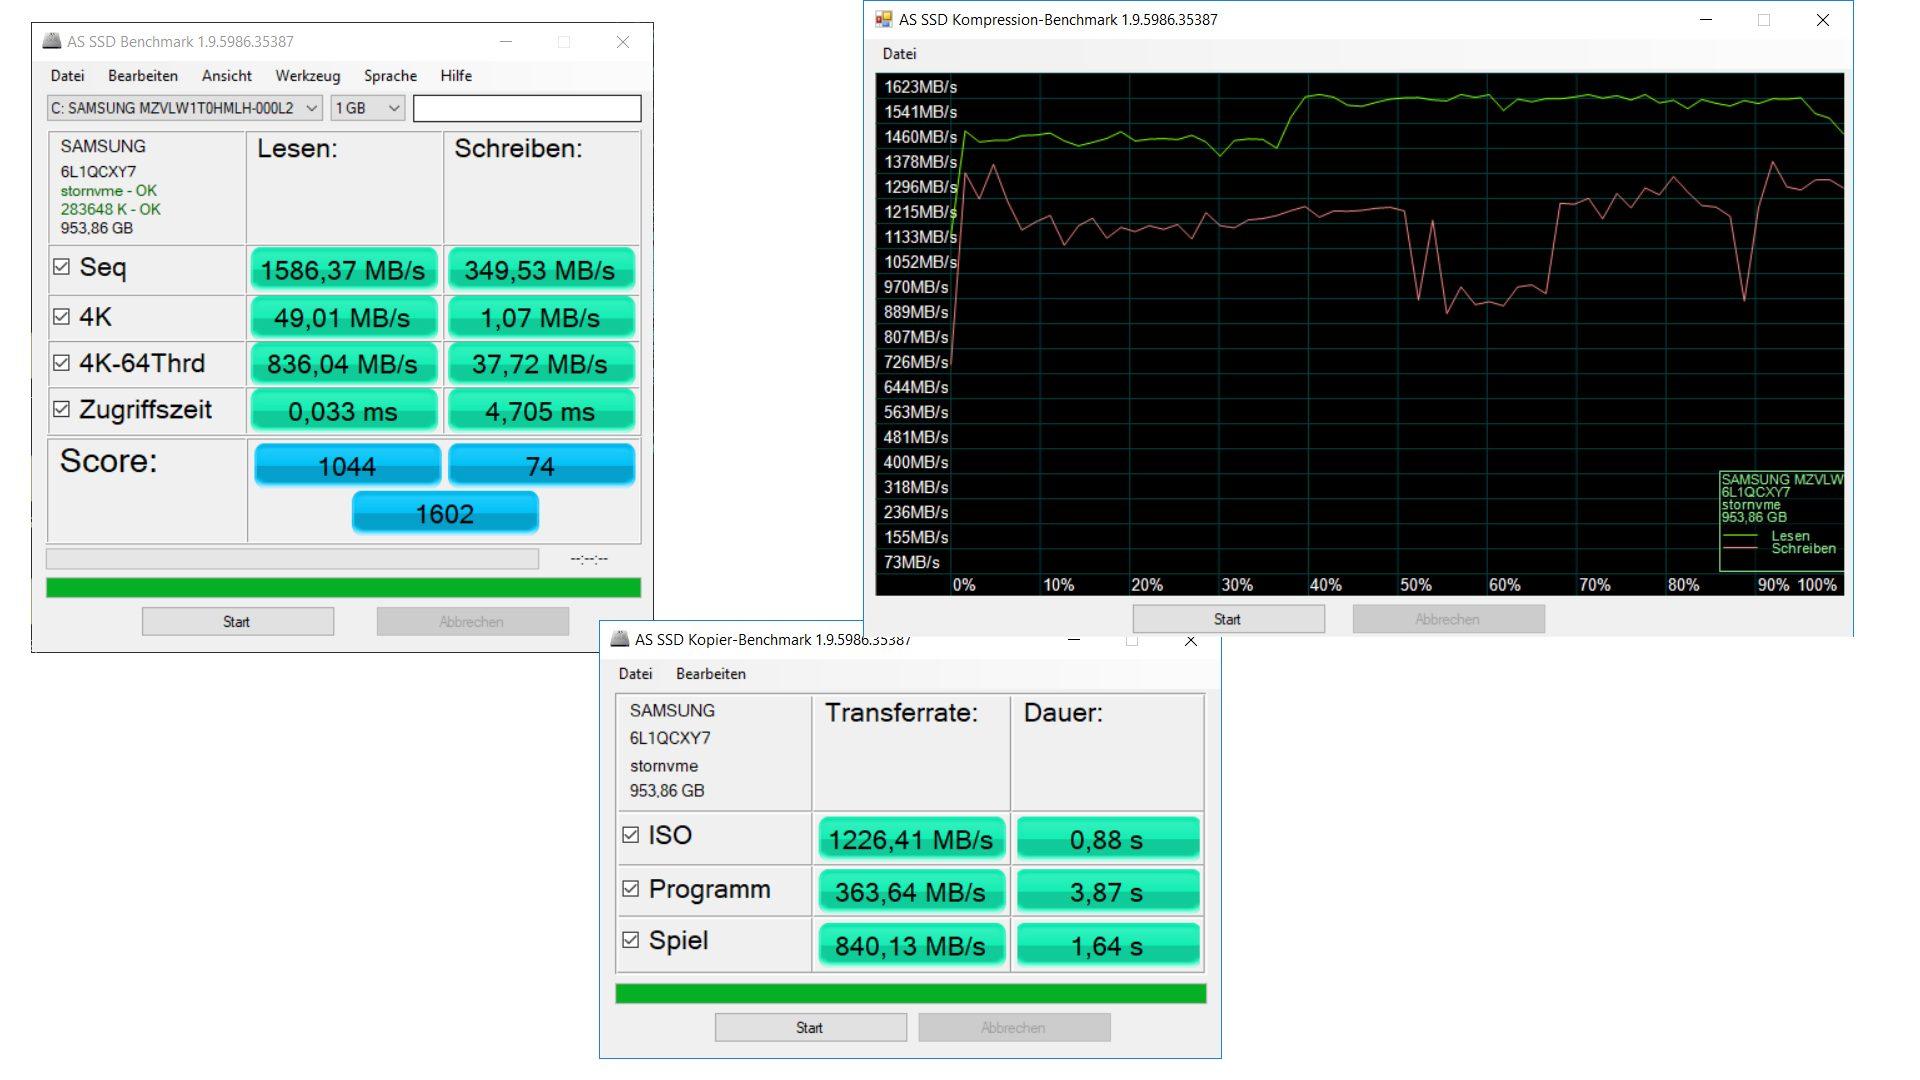 Lenovo MIXX 520-12IKS i7 benchmark_6